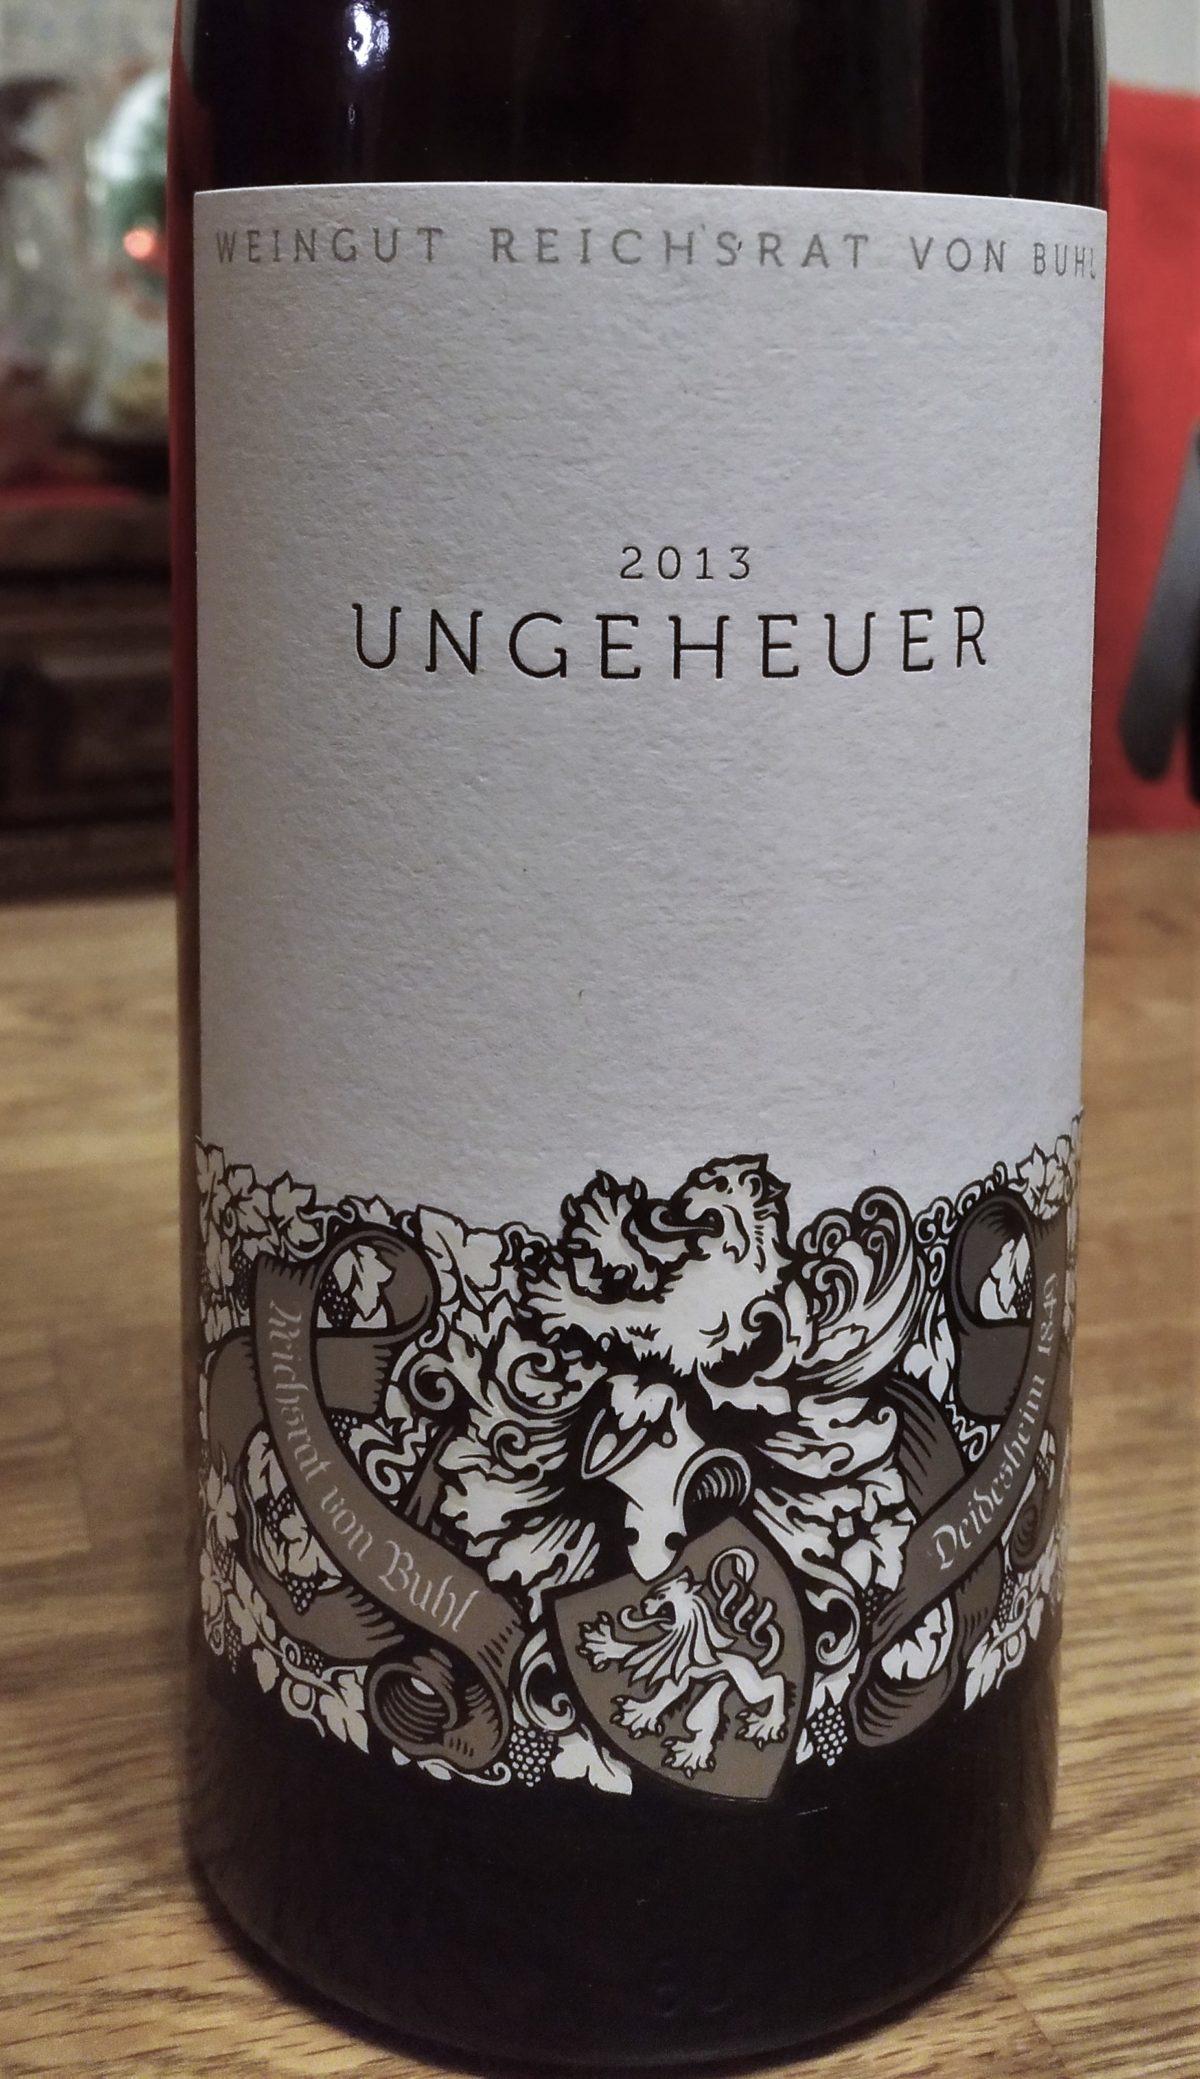 Forster Ungeheuer 2013